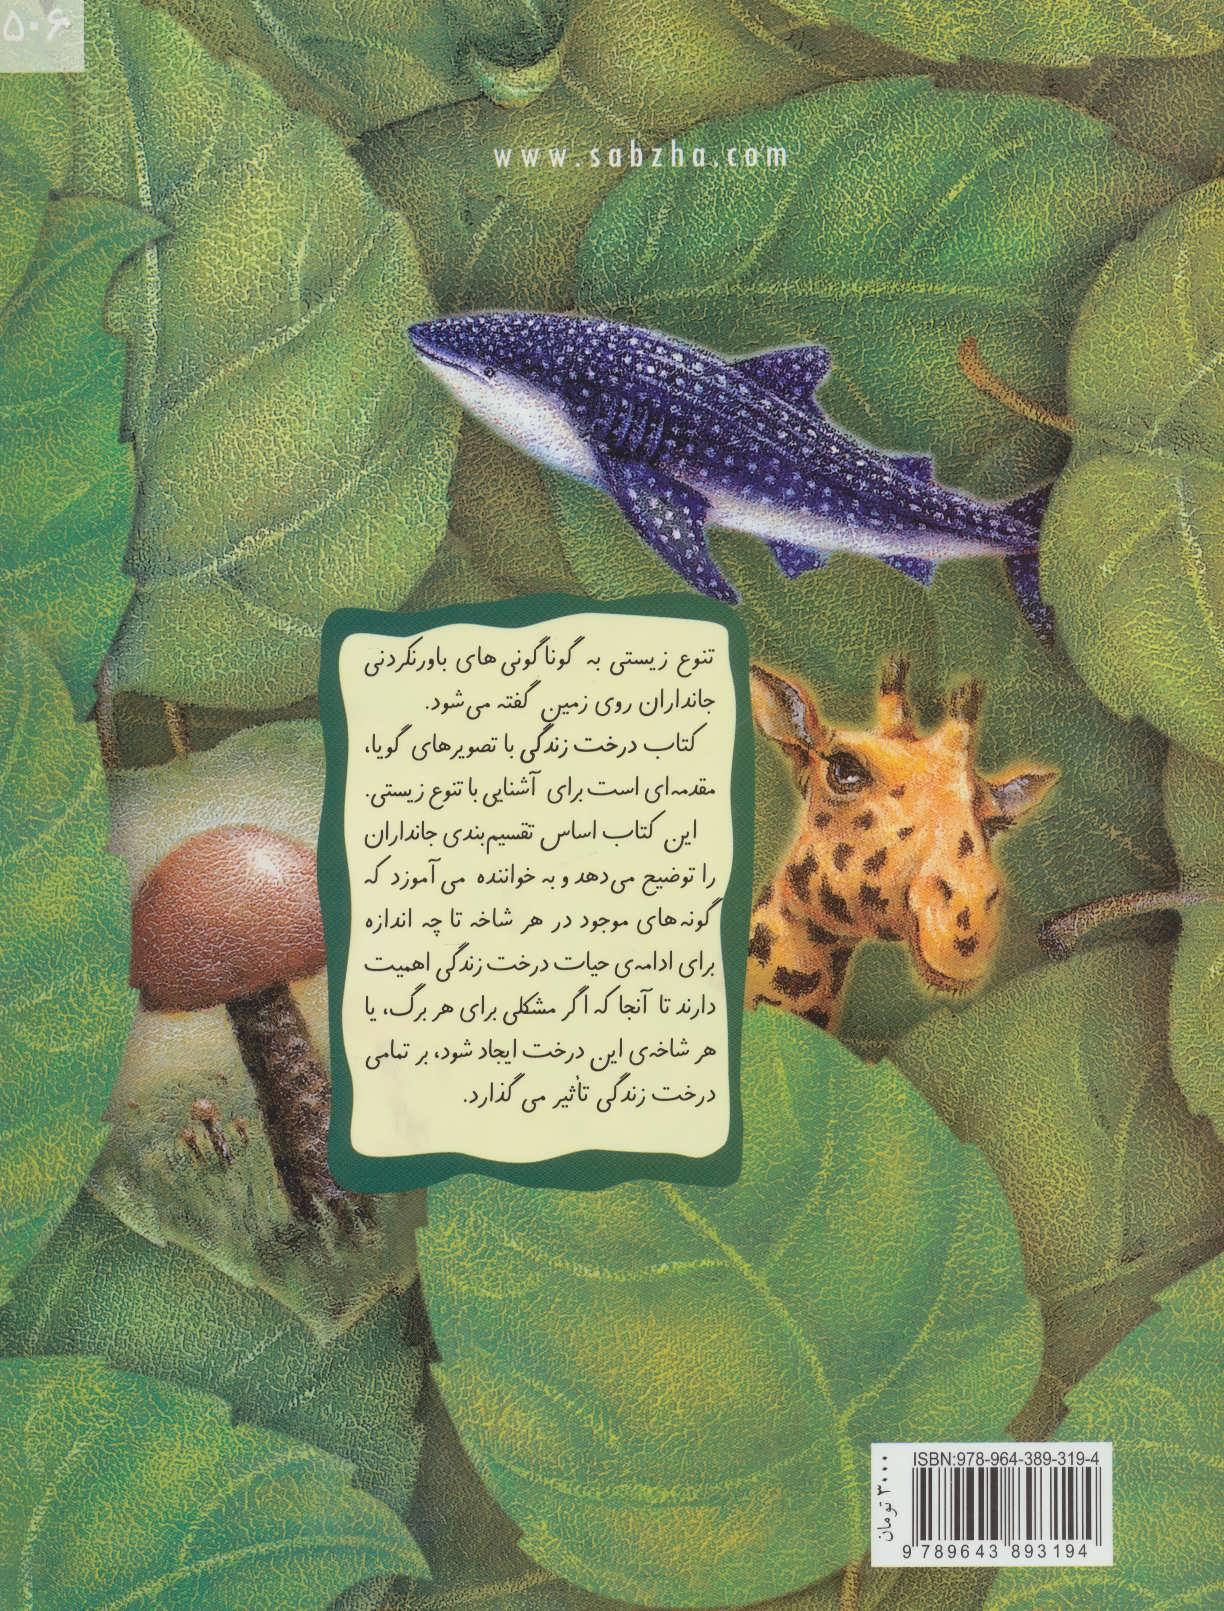 درخت زندگی (تنوع زیستی)،(گلاسه)